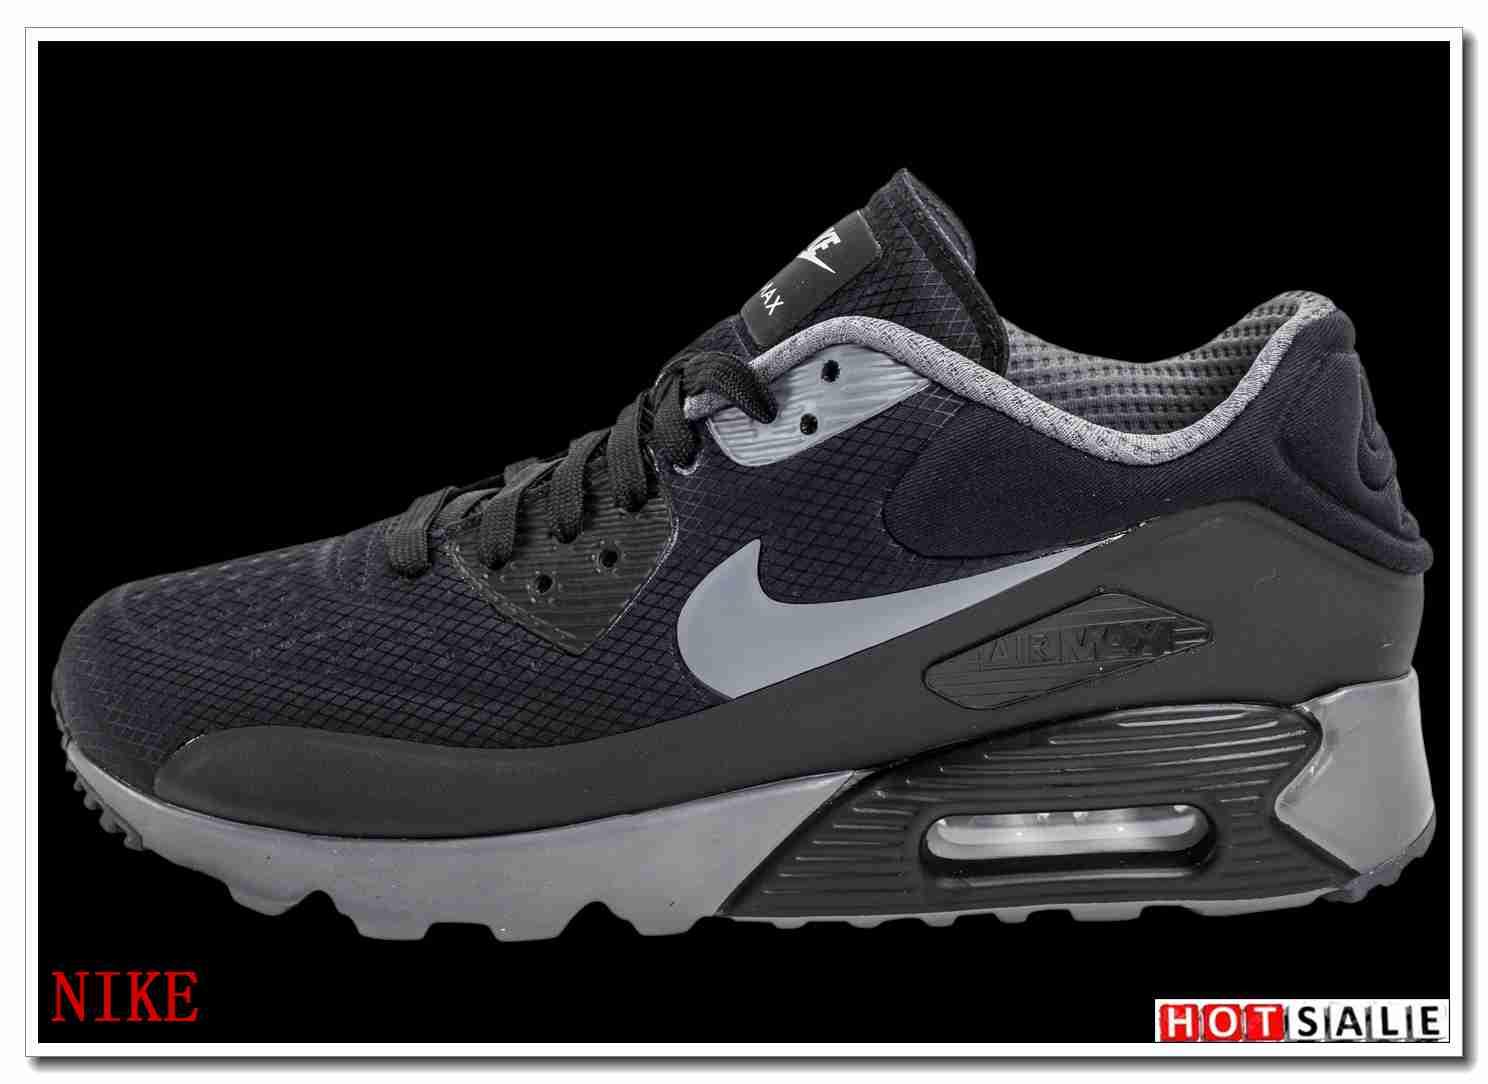 huge discount 1be77 e6fd8 GA2416 De Haute Qualité 2018 Nouveau style Nike Air Max 90 - Homme  Chaussures - Noir Promotions Vente - H.K.Y. 199 - Taille   40~44